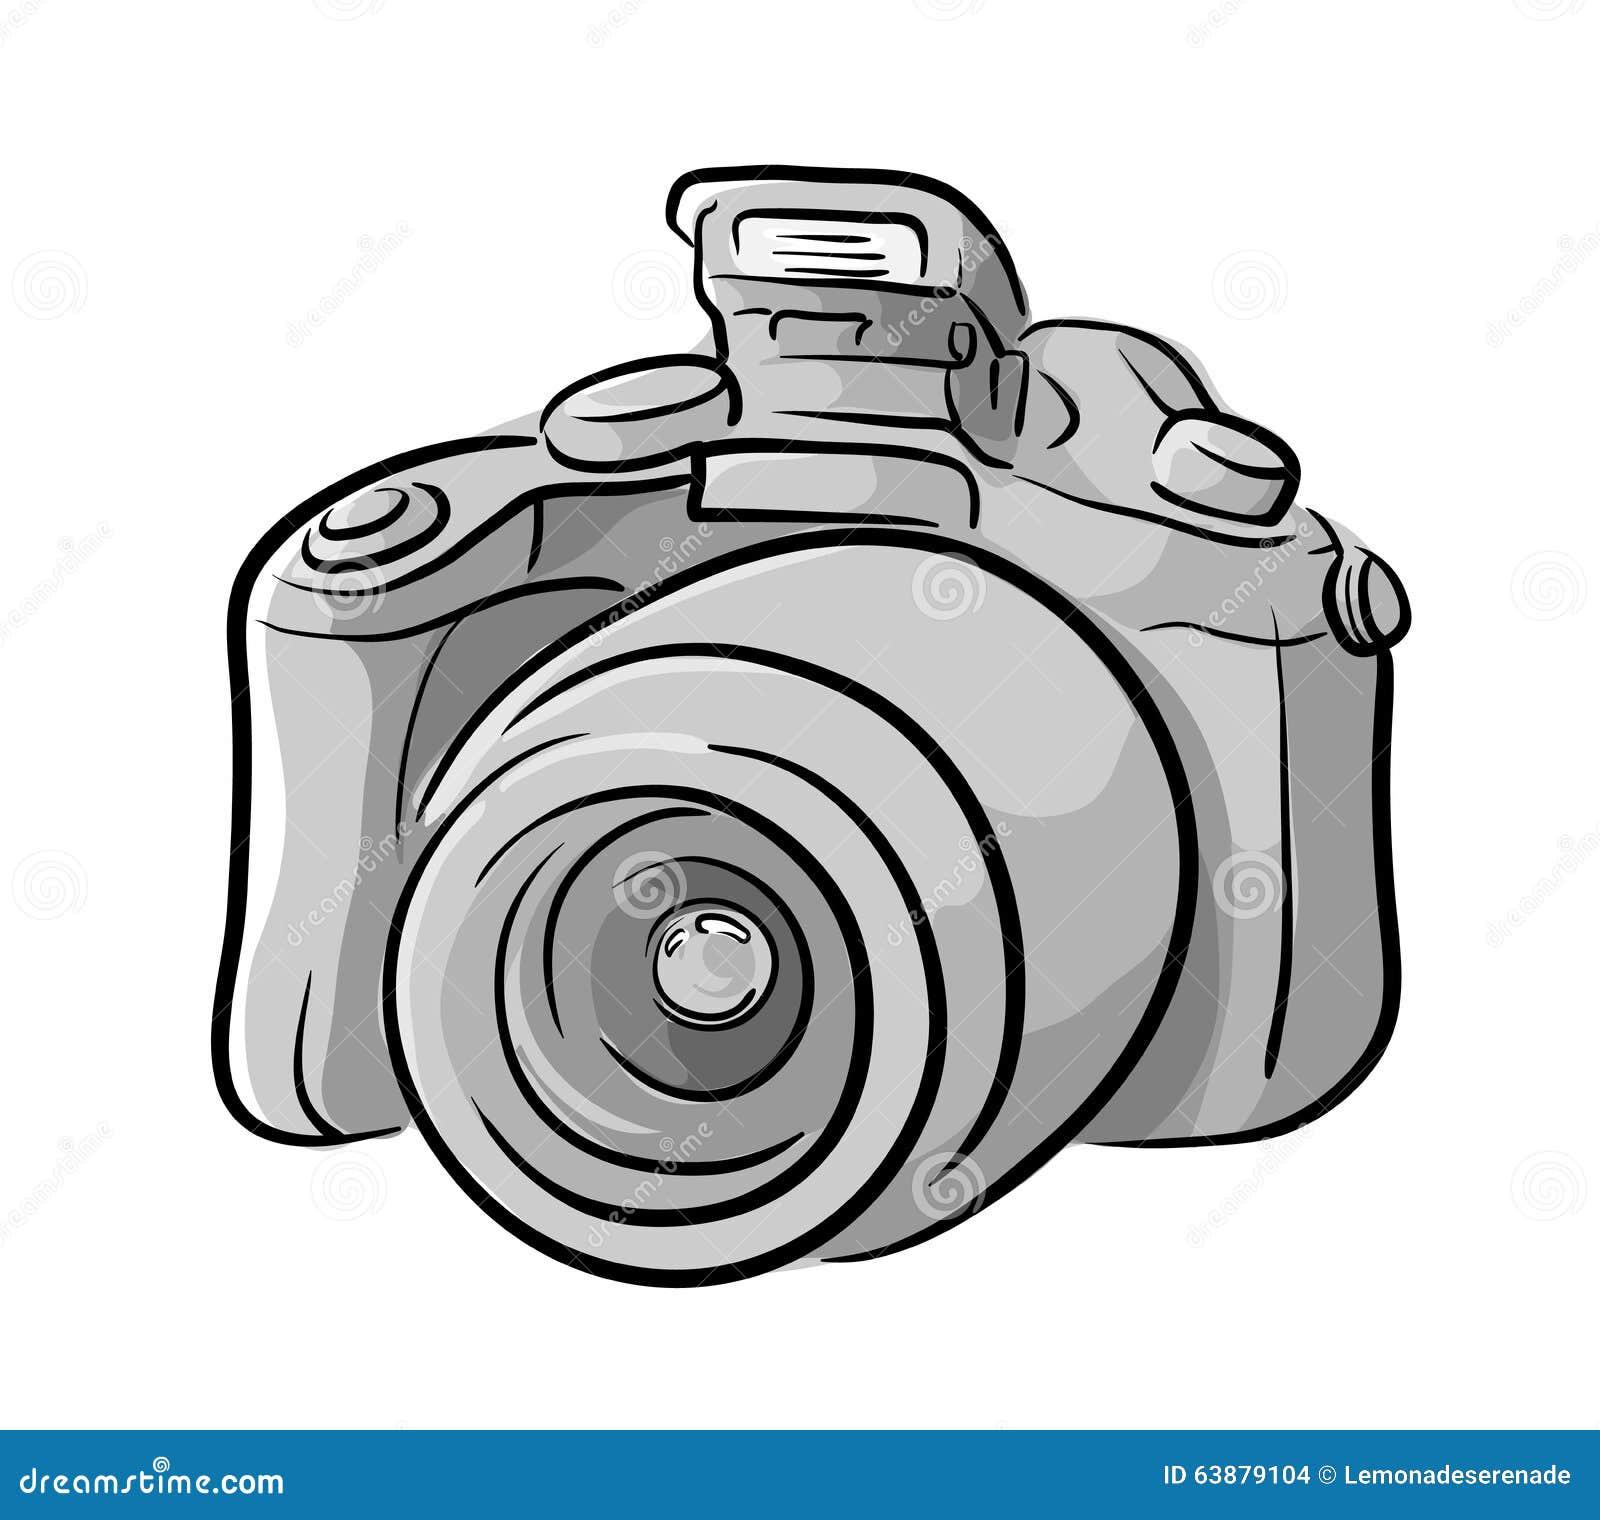 Line Art Vector Illustrator : Dslr camera stock vector illustration of flat gadget